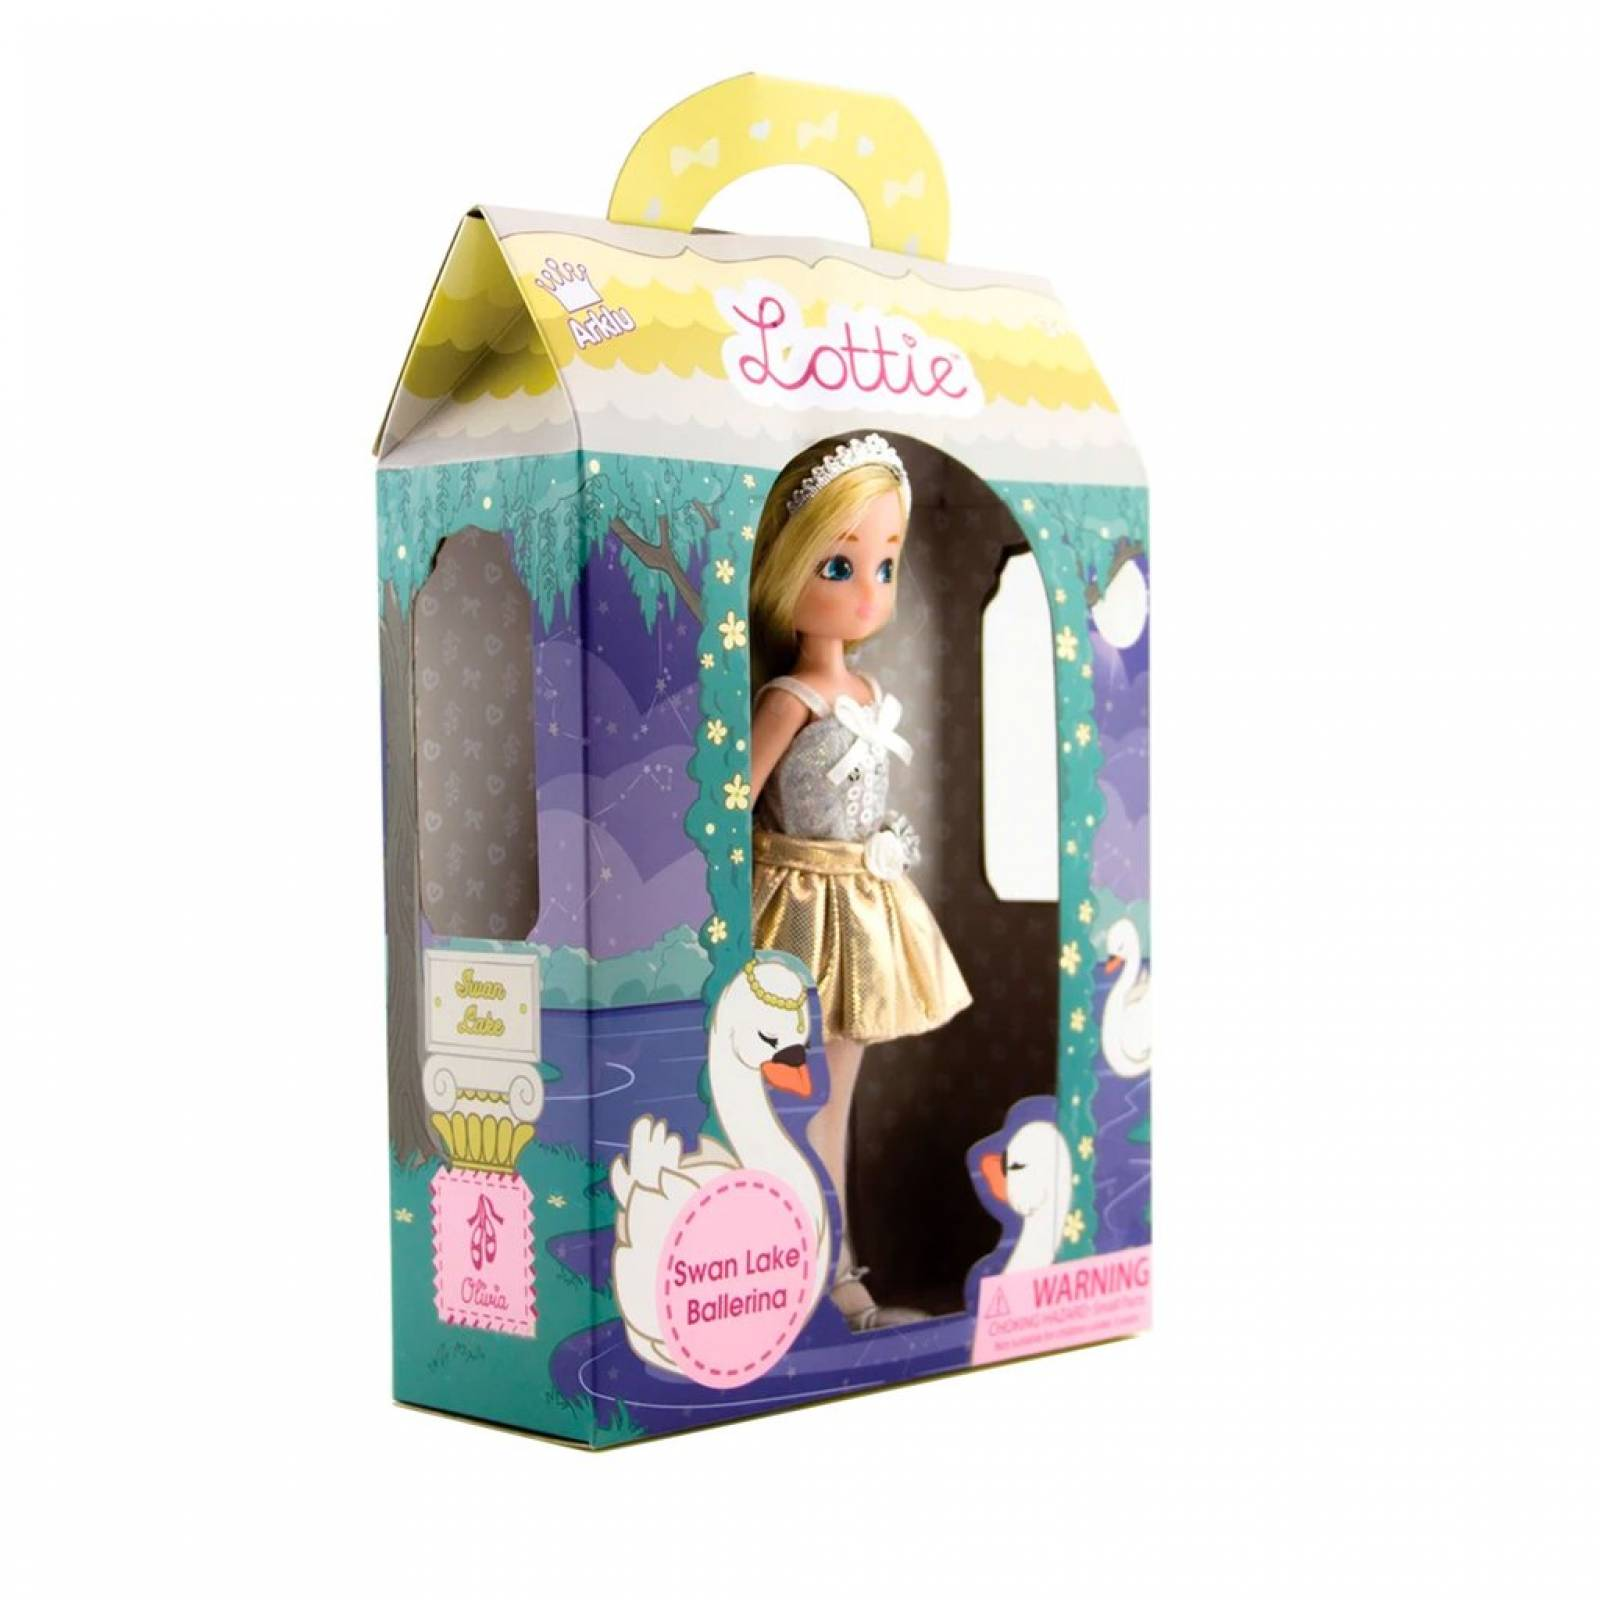 Swan Lake Ballerina Lottie Doll 3+ thumbnails